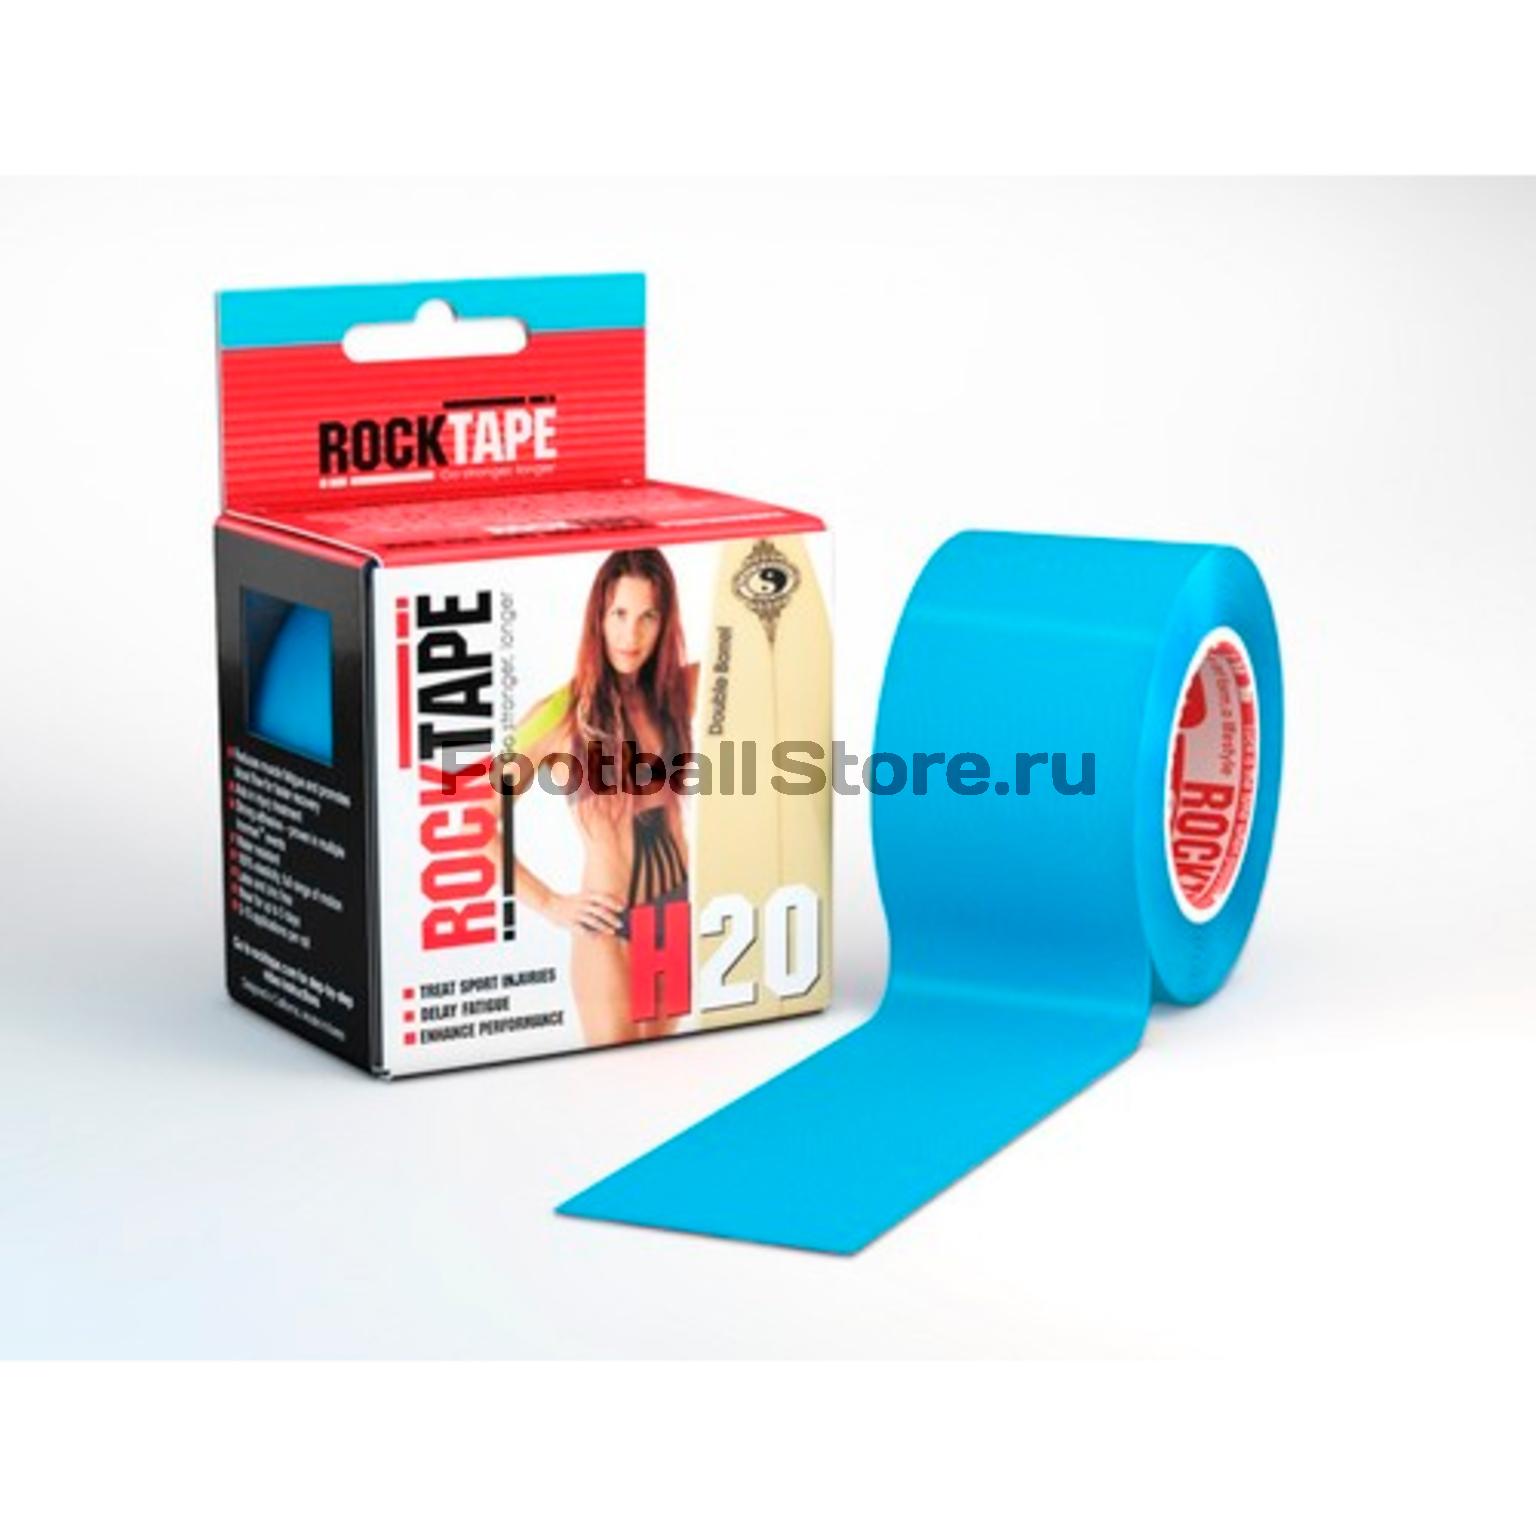 Тейп Кинезио Rocktape, H2O, голубой 5см х 5м